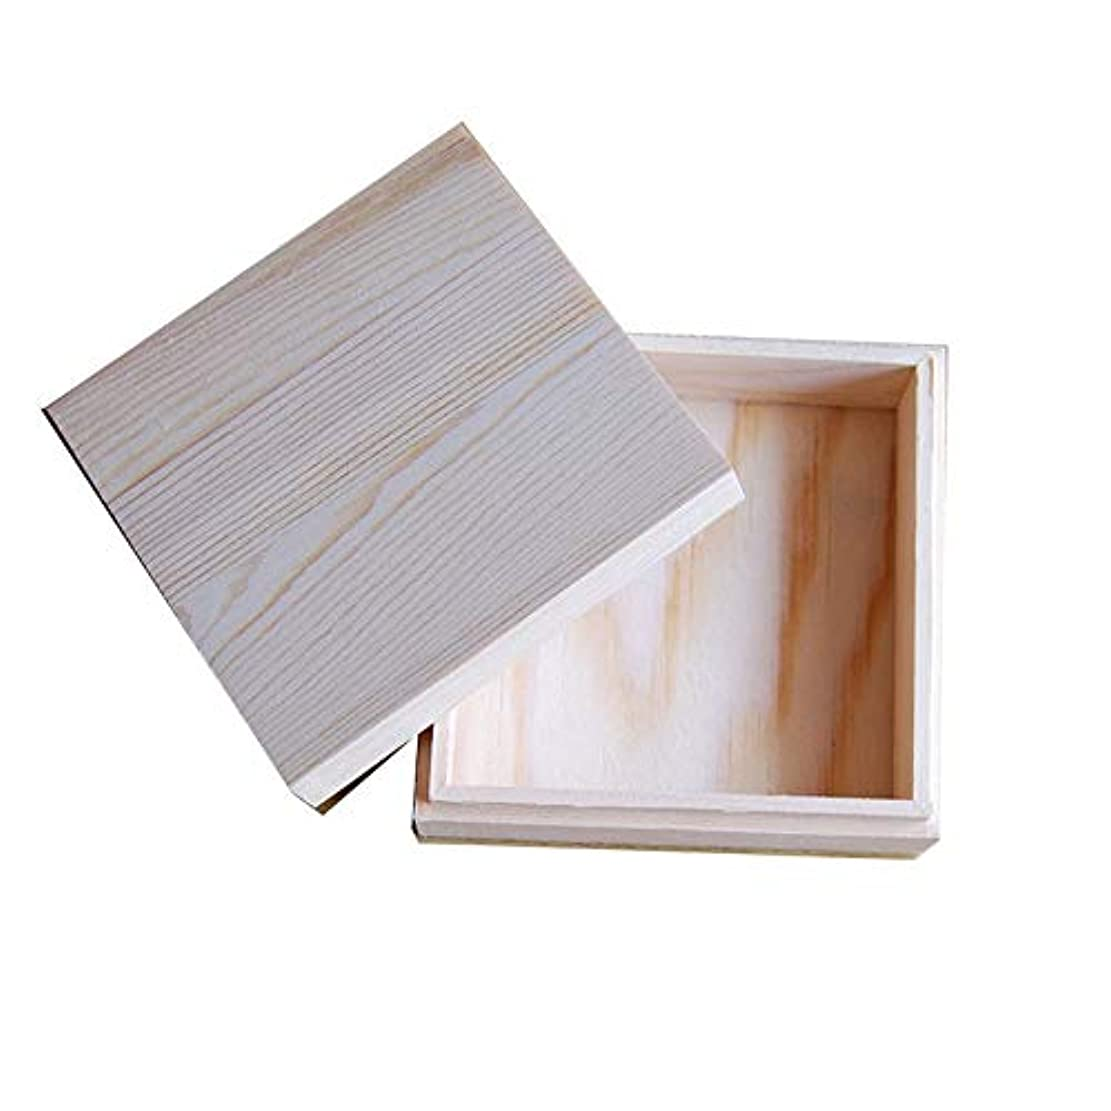 コメンテーター前奏曲進行中エッセンシャルオイルの保管 木製のエッセンシャルオイルストレージボックス安全に油を維持するためのベスト (色 : Natural, サイズ : 11.5X11.5X5CM)